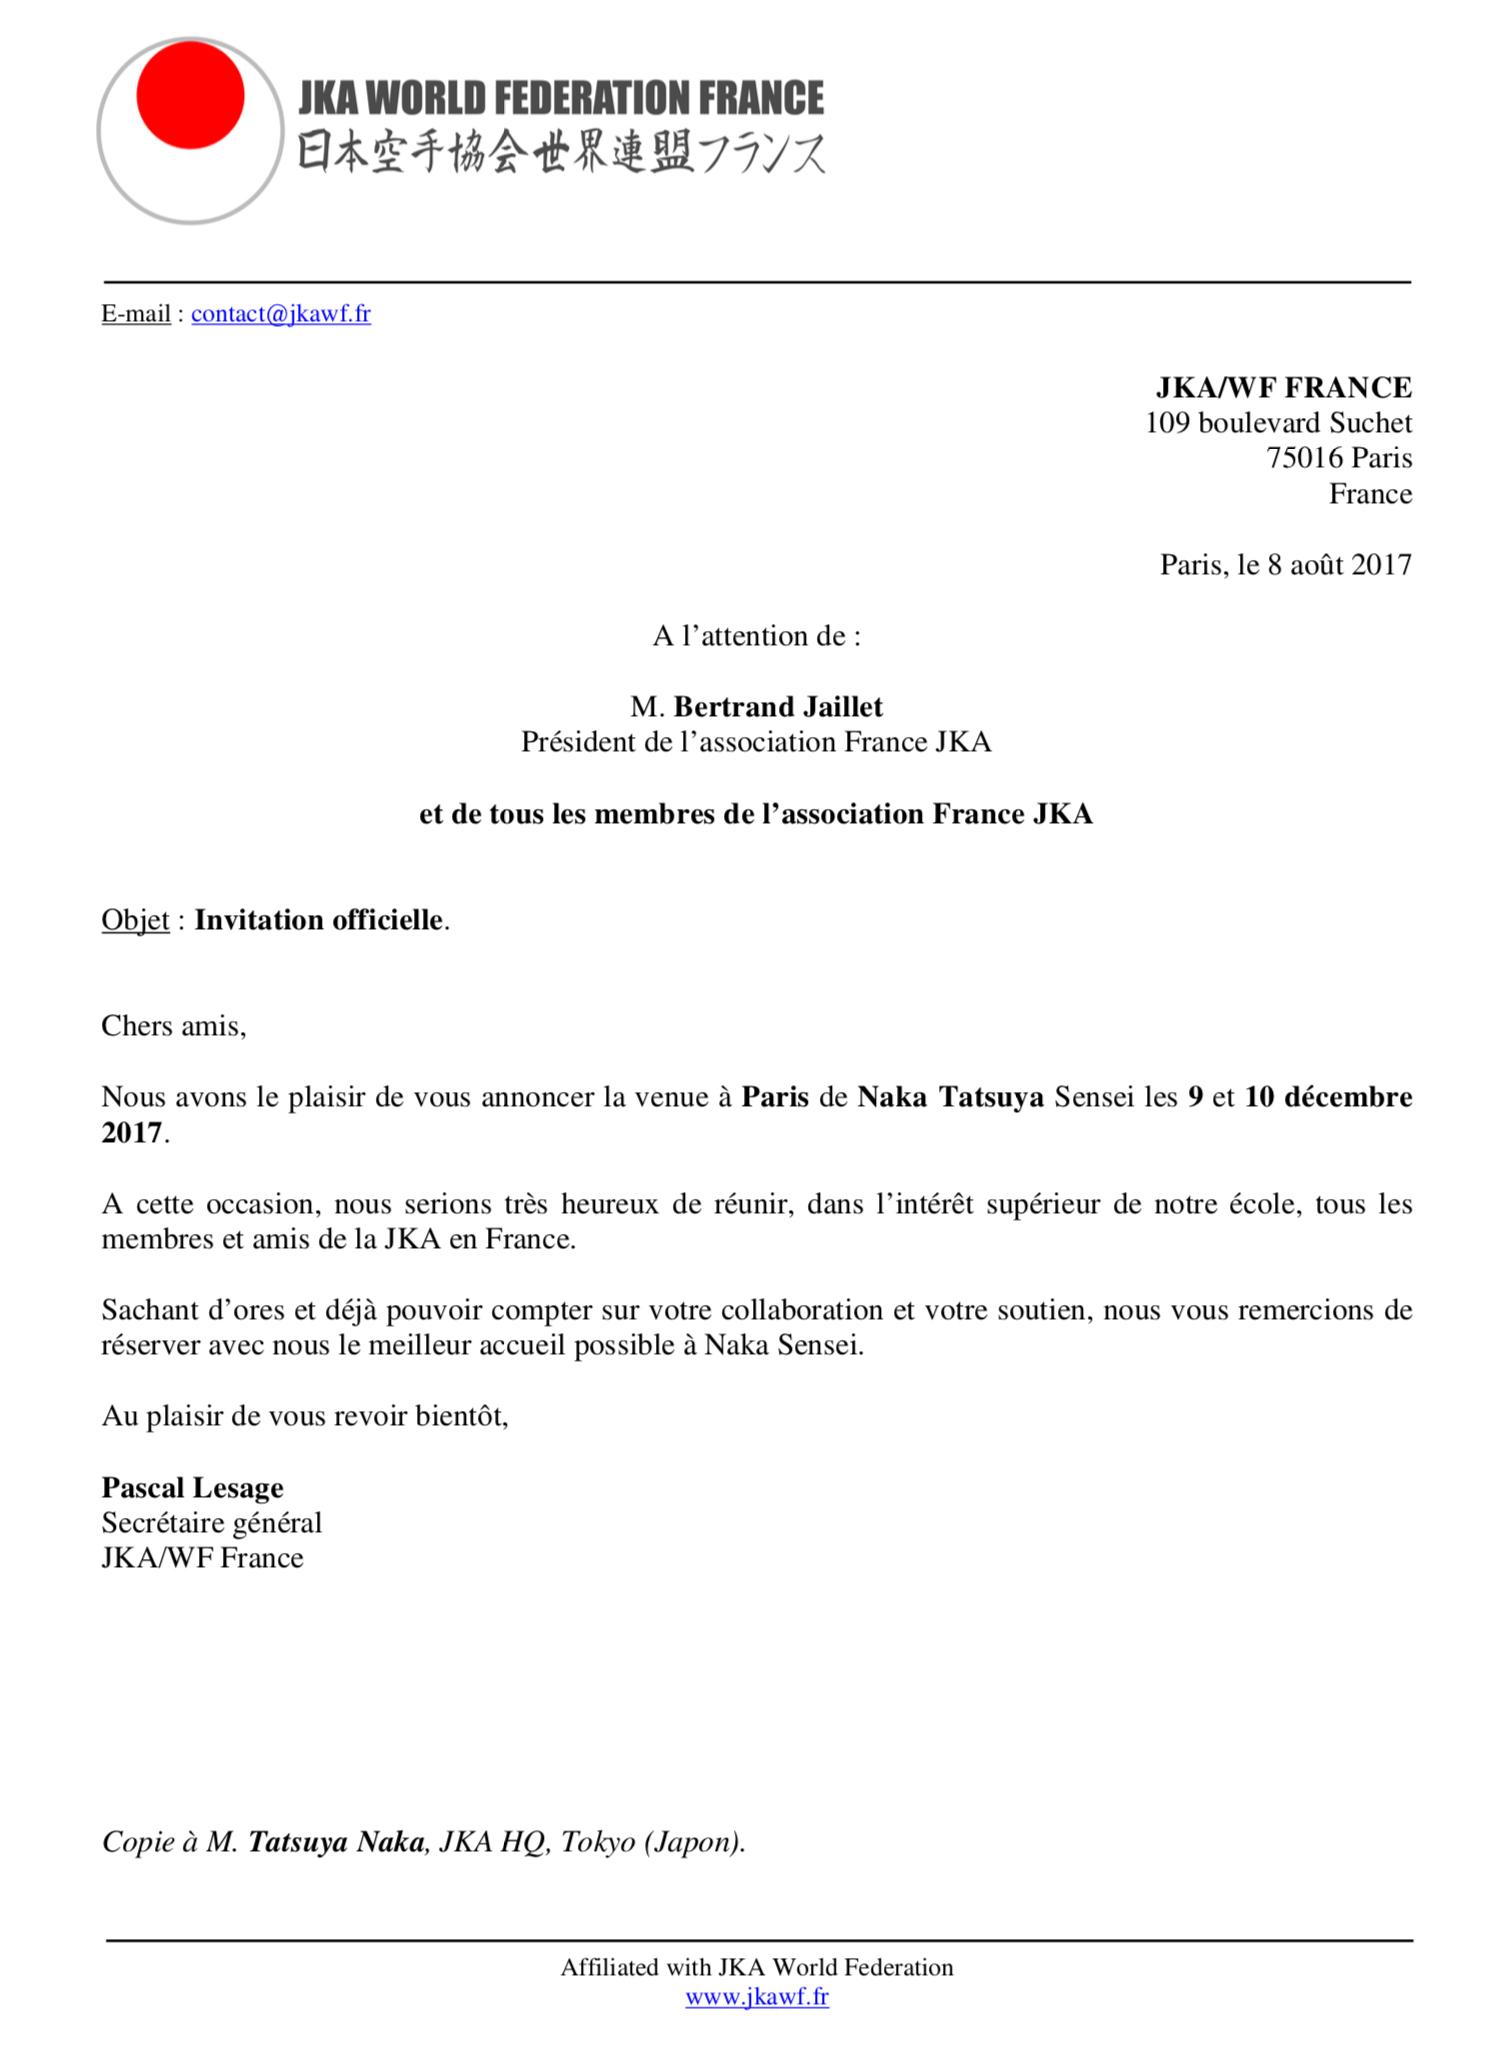 lettre dinvitation officielle